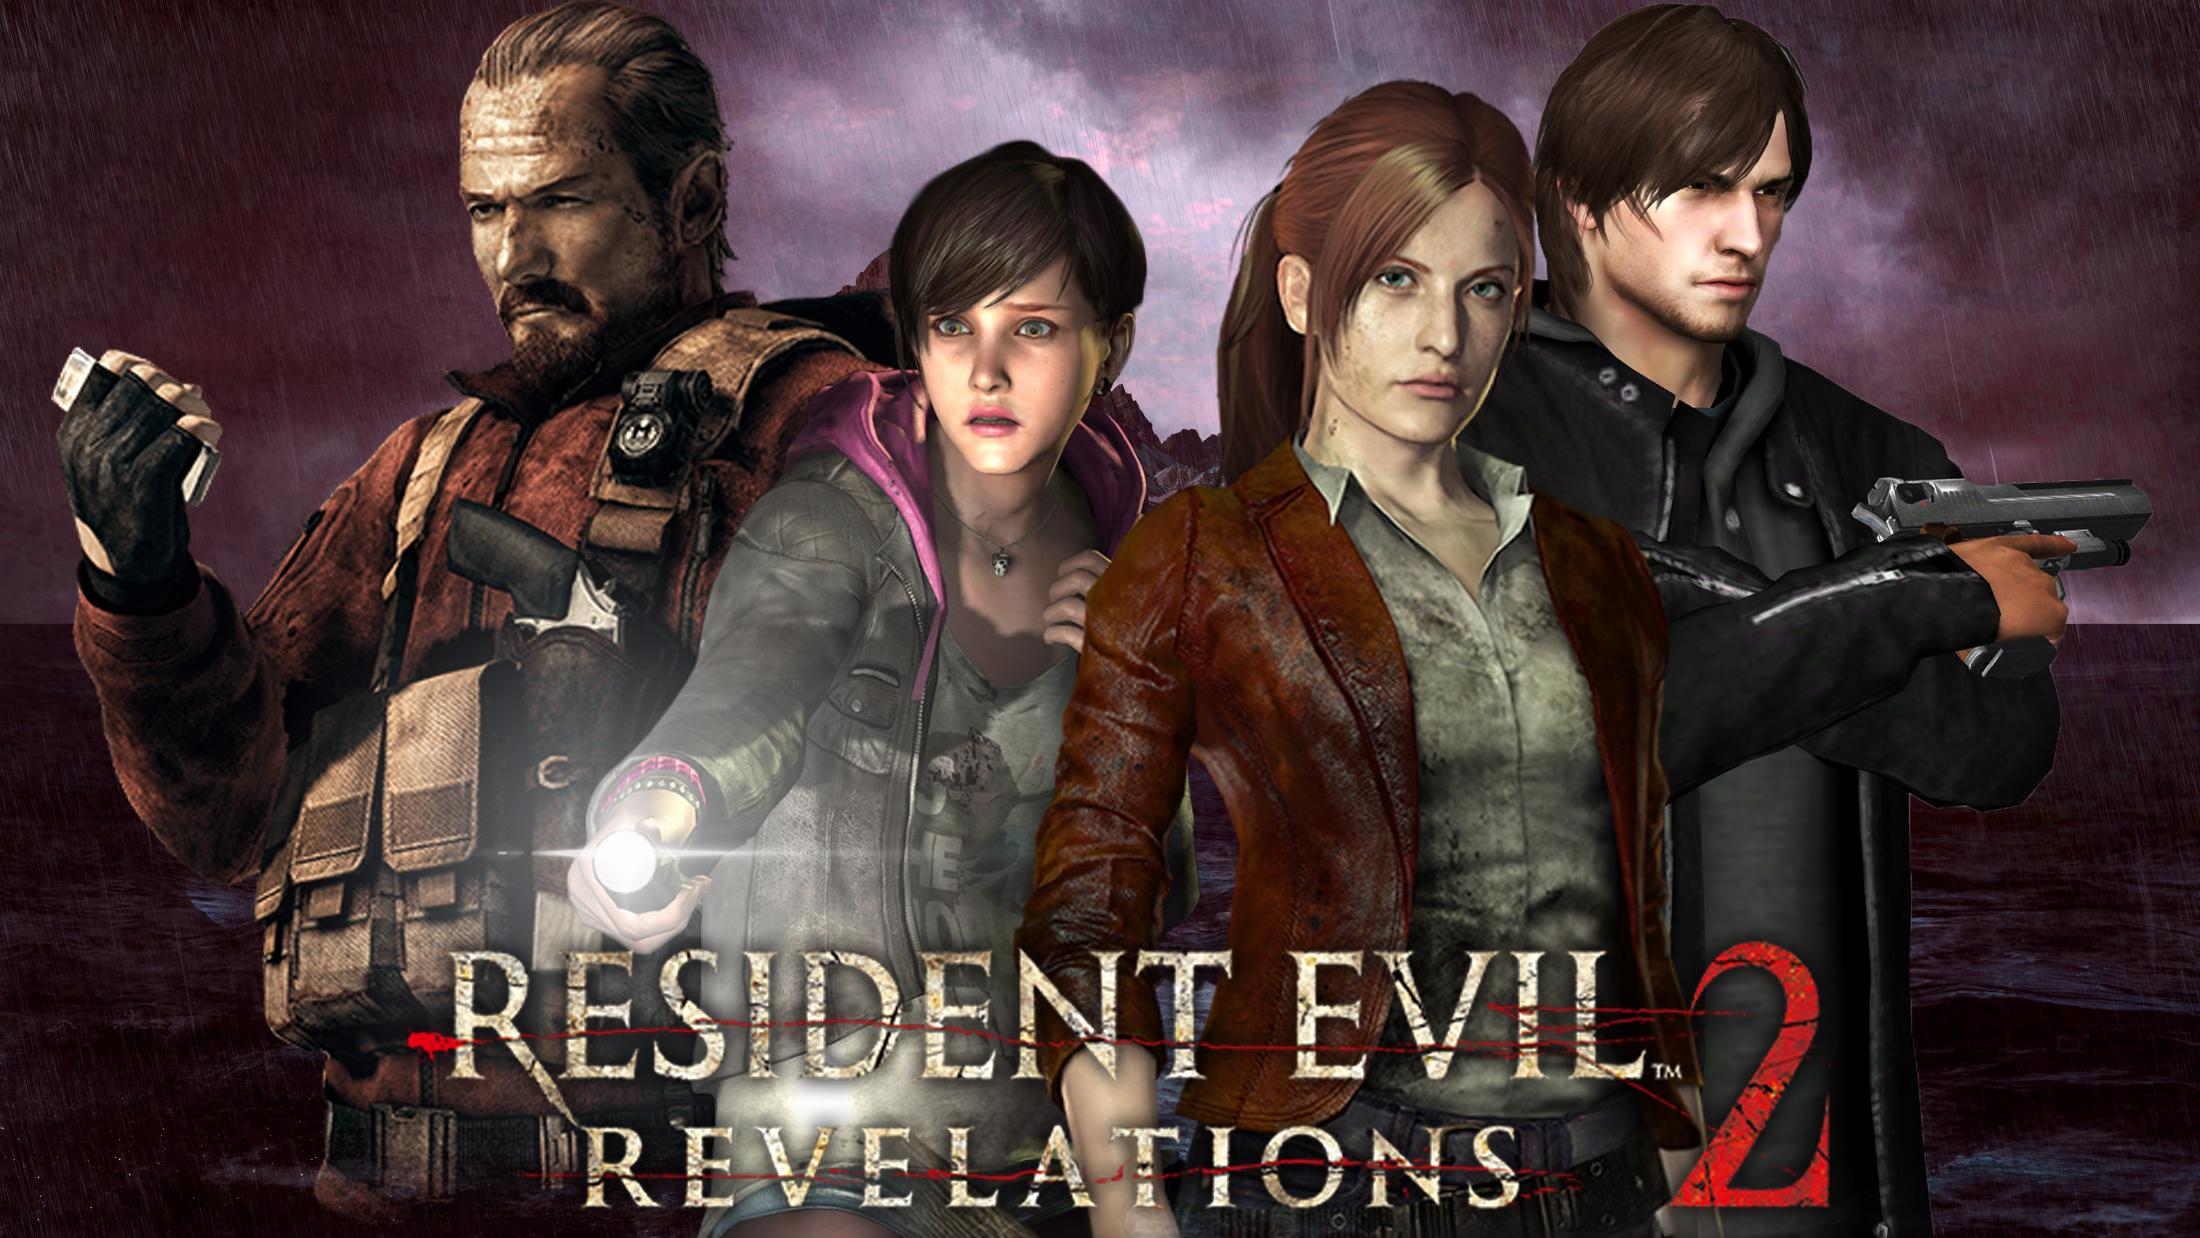 Resident Evil Revelations 2 Wallpaper By Refanboy2012 On Deviantart